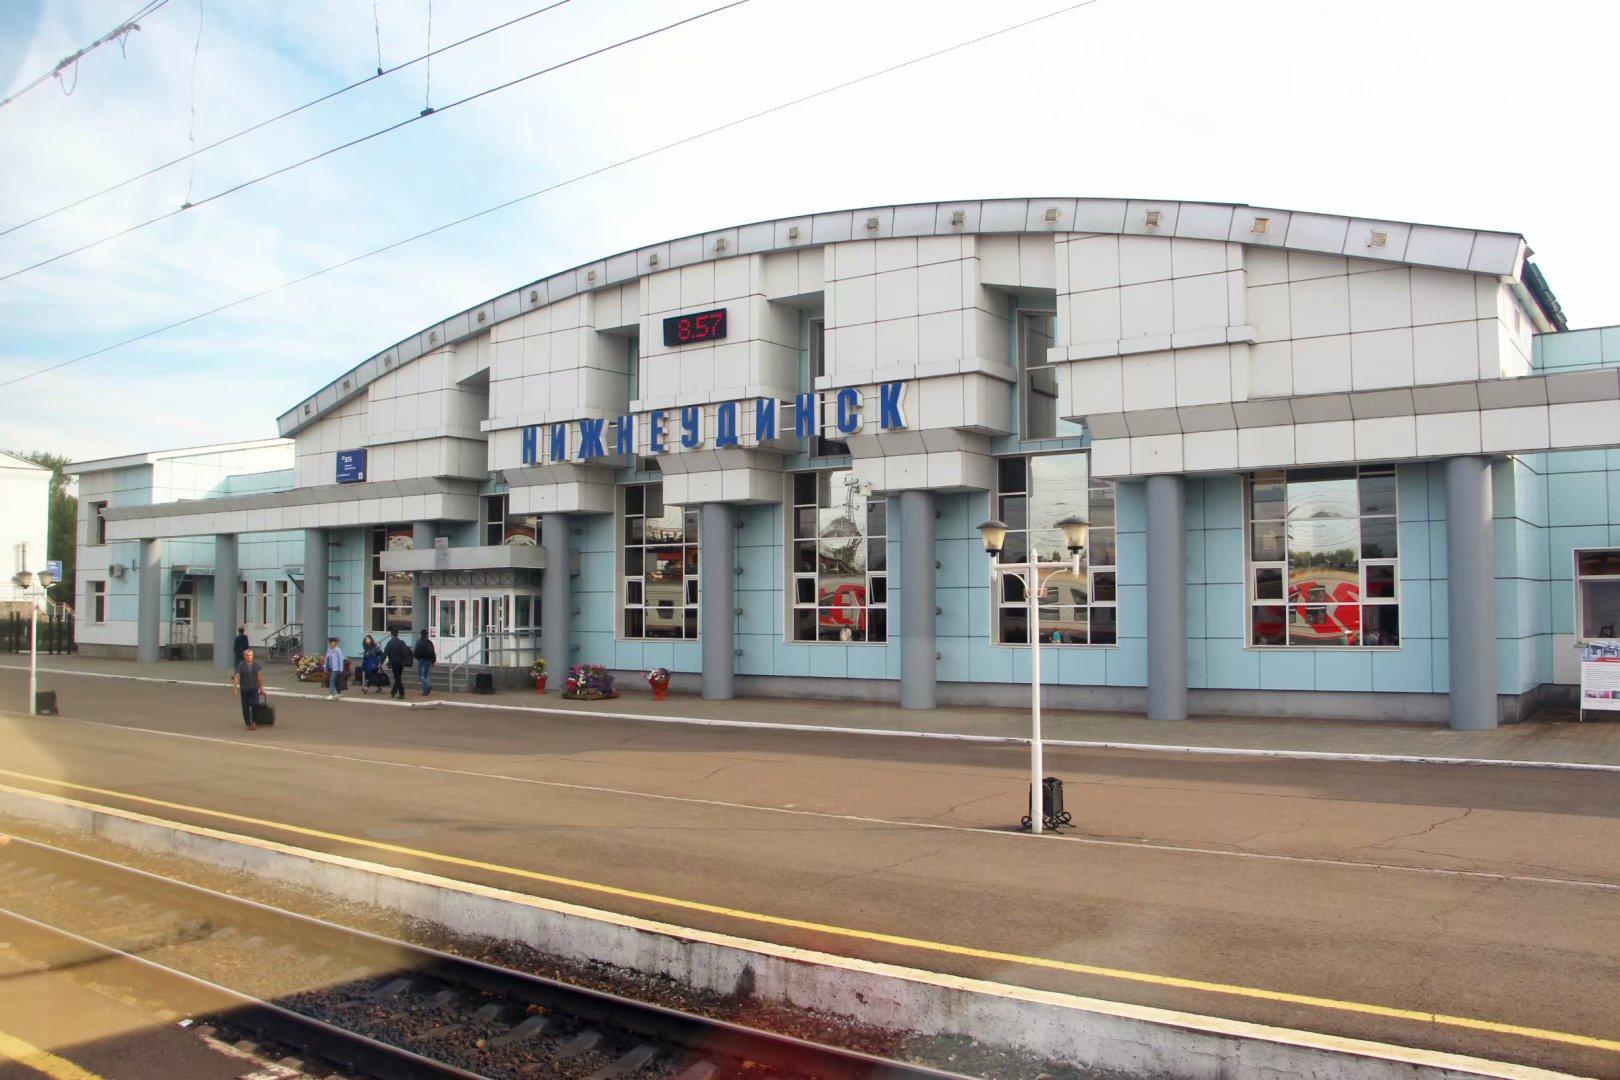 能�:)�y�Niz�Z�X��hY_nizhneudinsk  下乌金斯克(俄语:Нижнеудинск),是俄罗斯